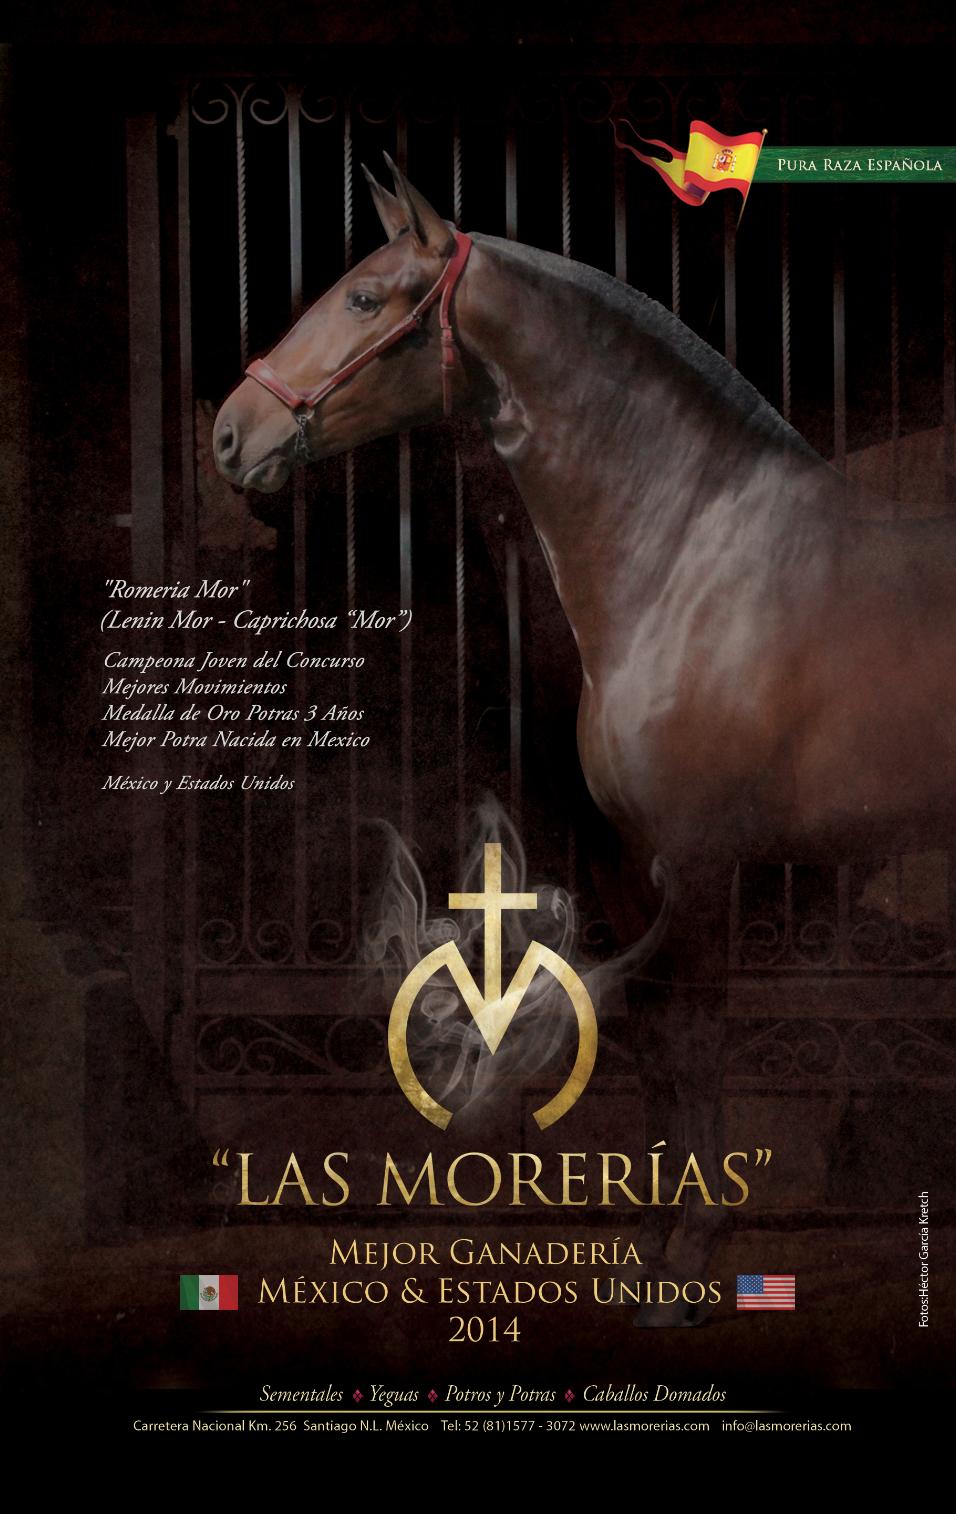 Las Morerías